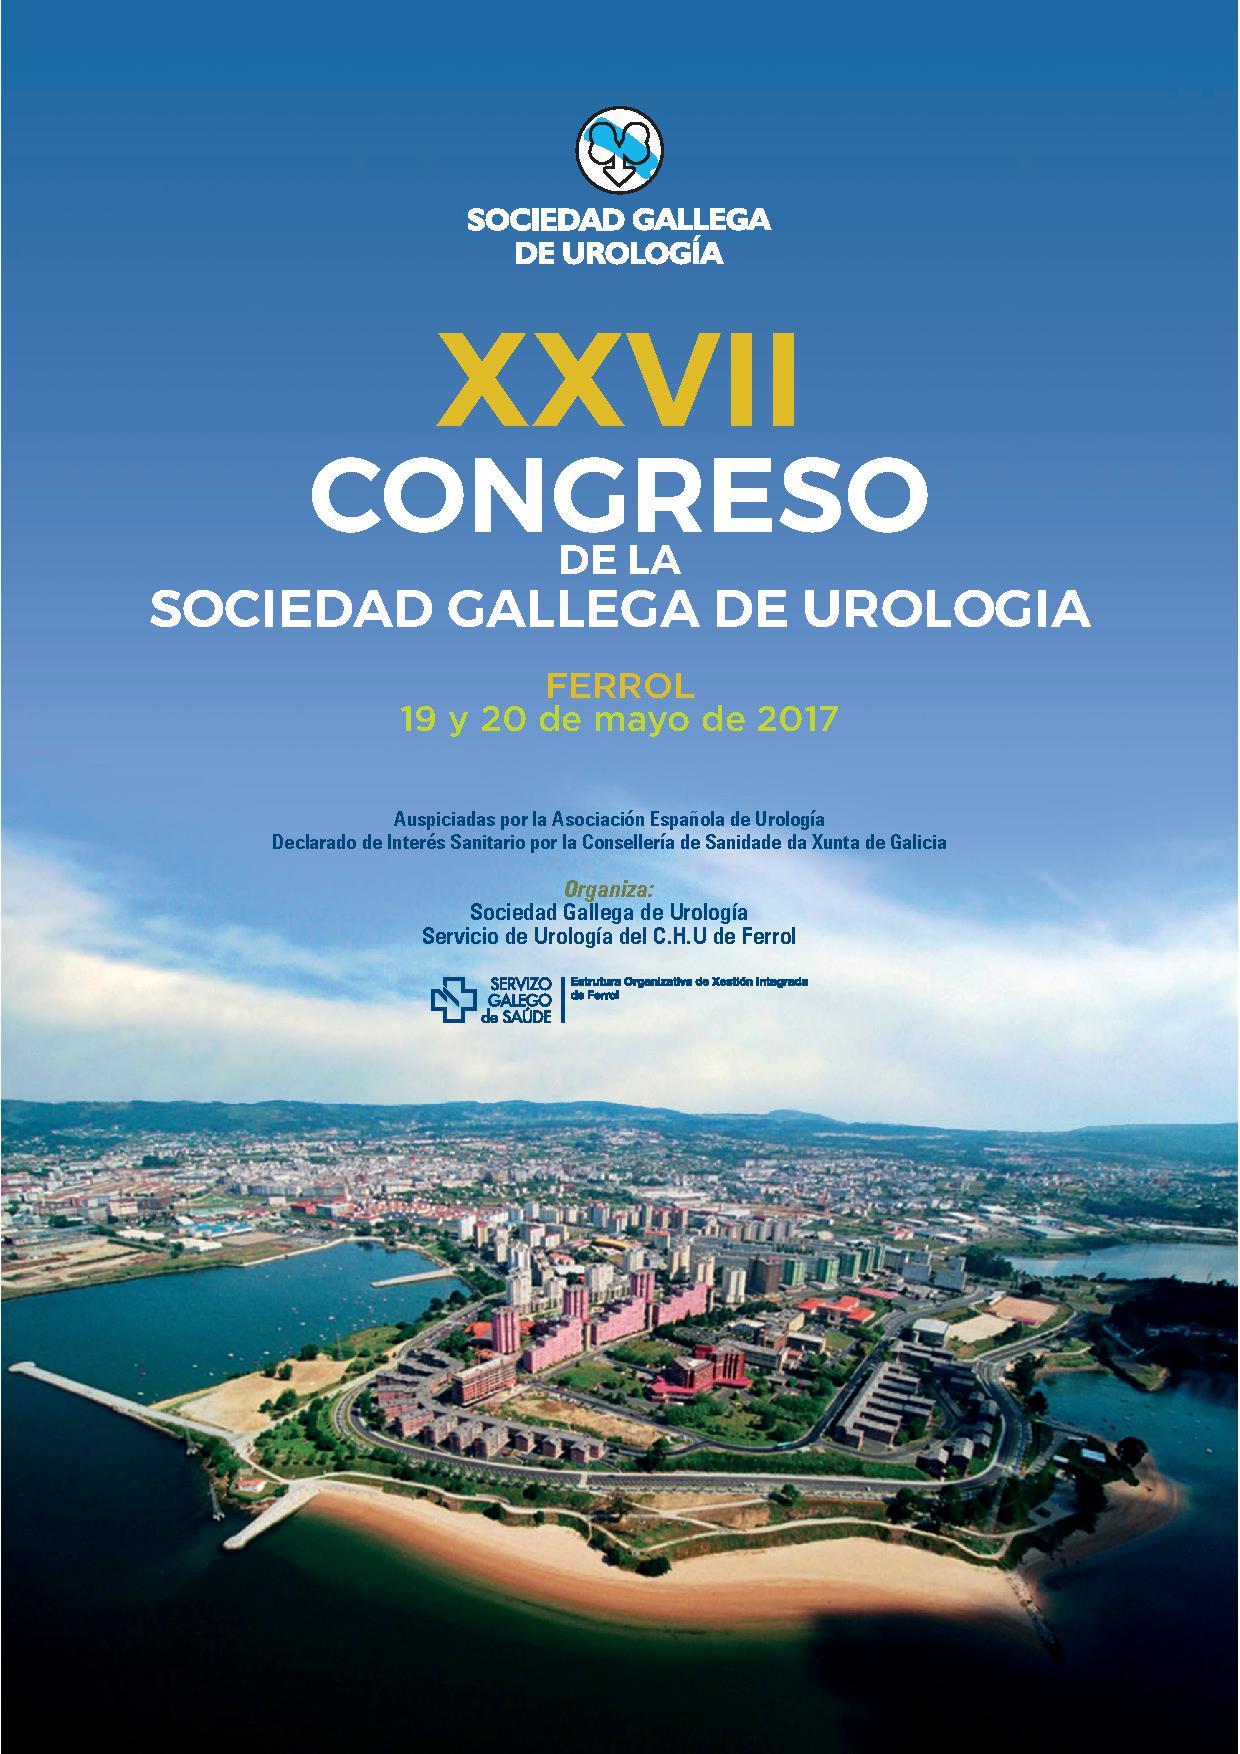 XXVII Congreso de la Sociedad Gallega de Urología